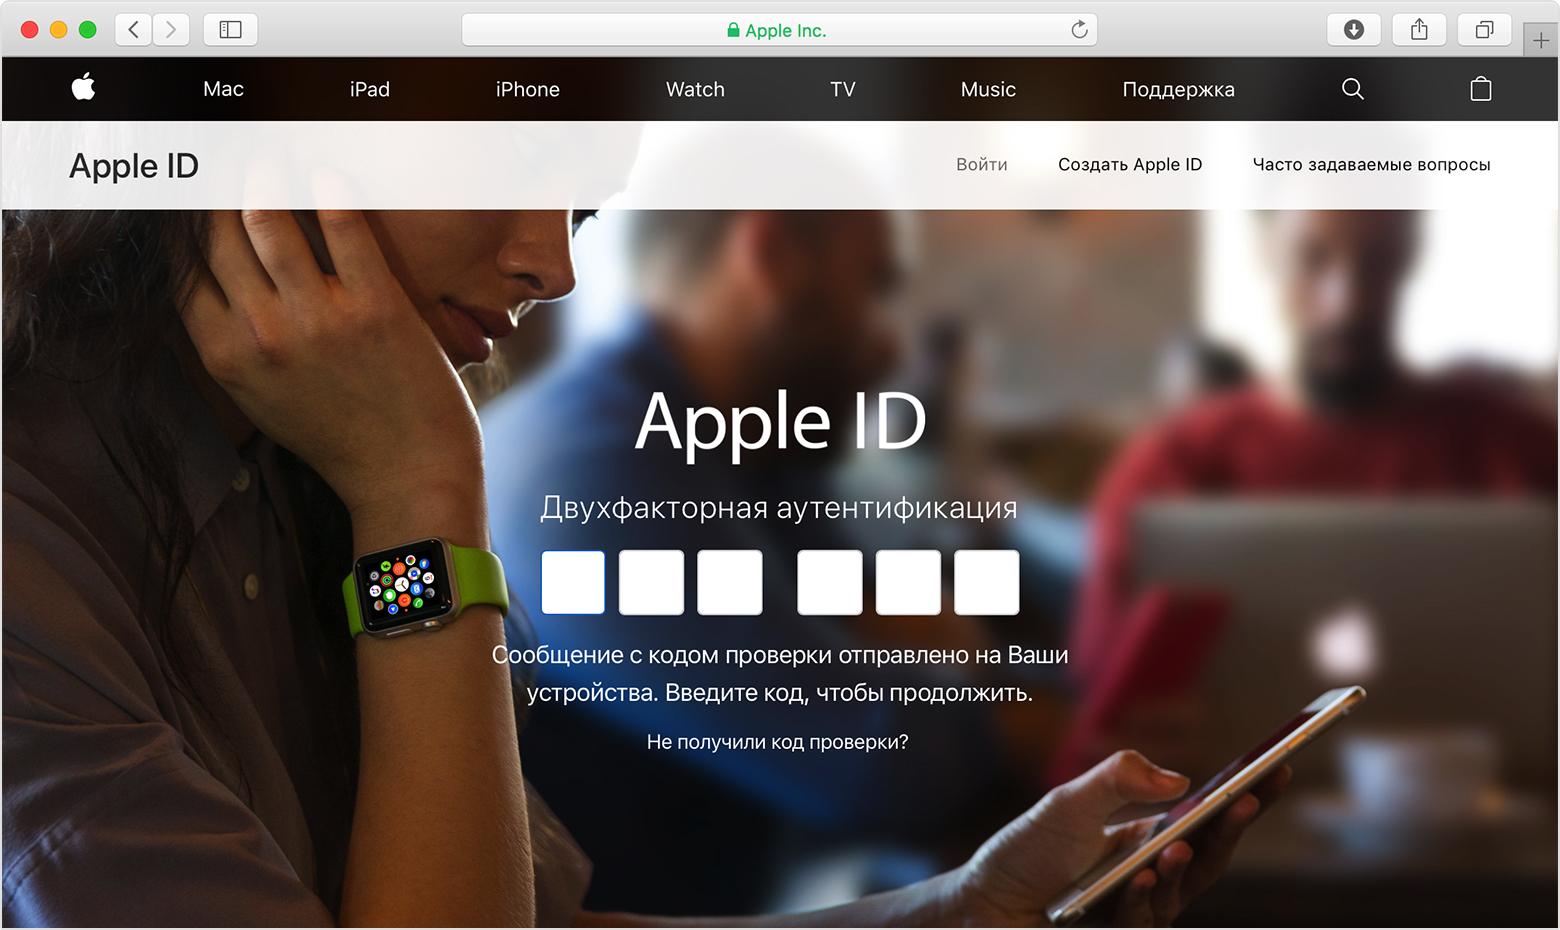 Если вы забыли пароль для учетной записи AppleID  - Служба поддержки Apple (RU)